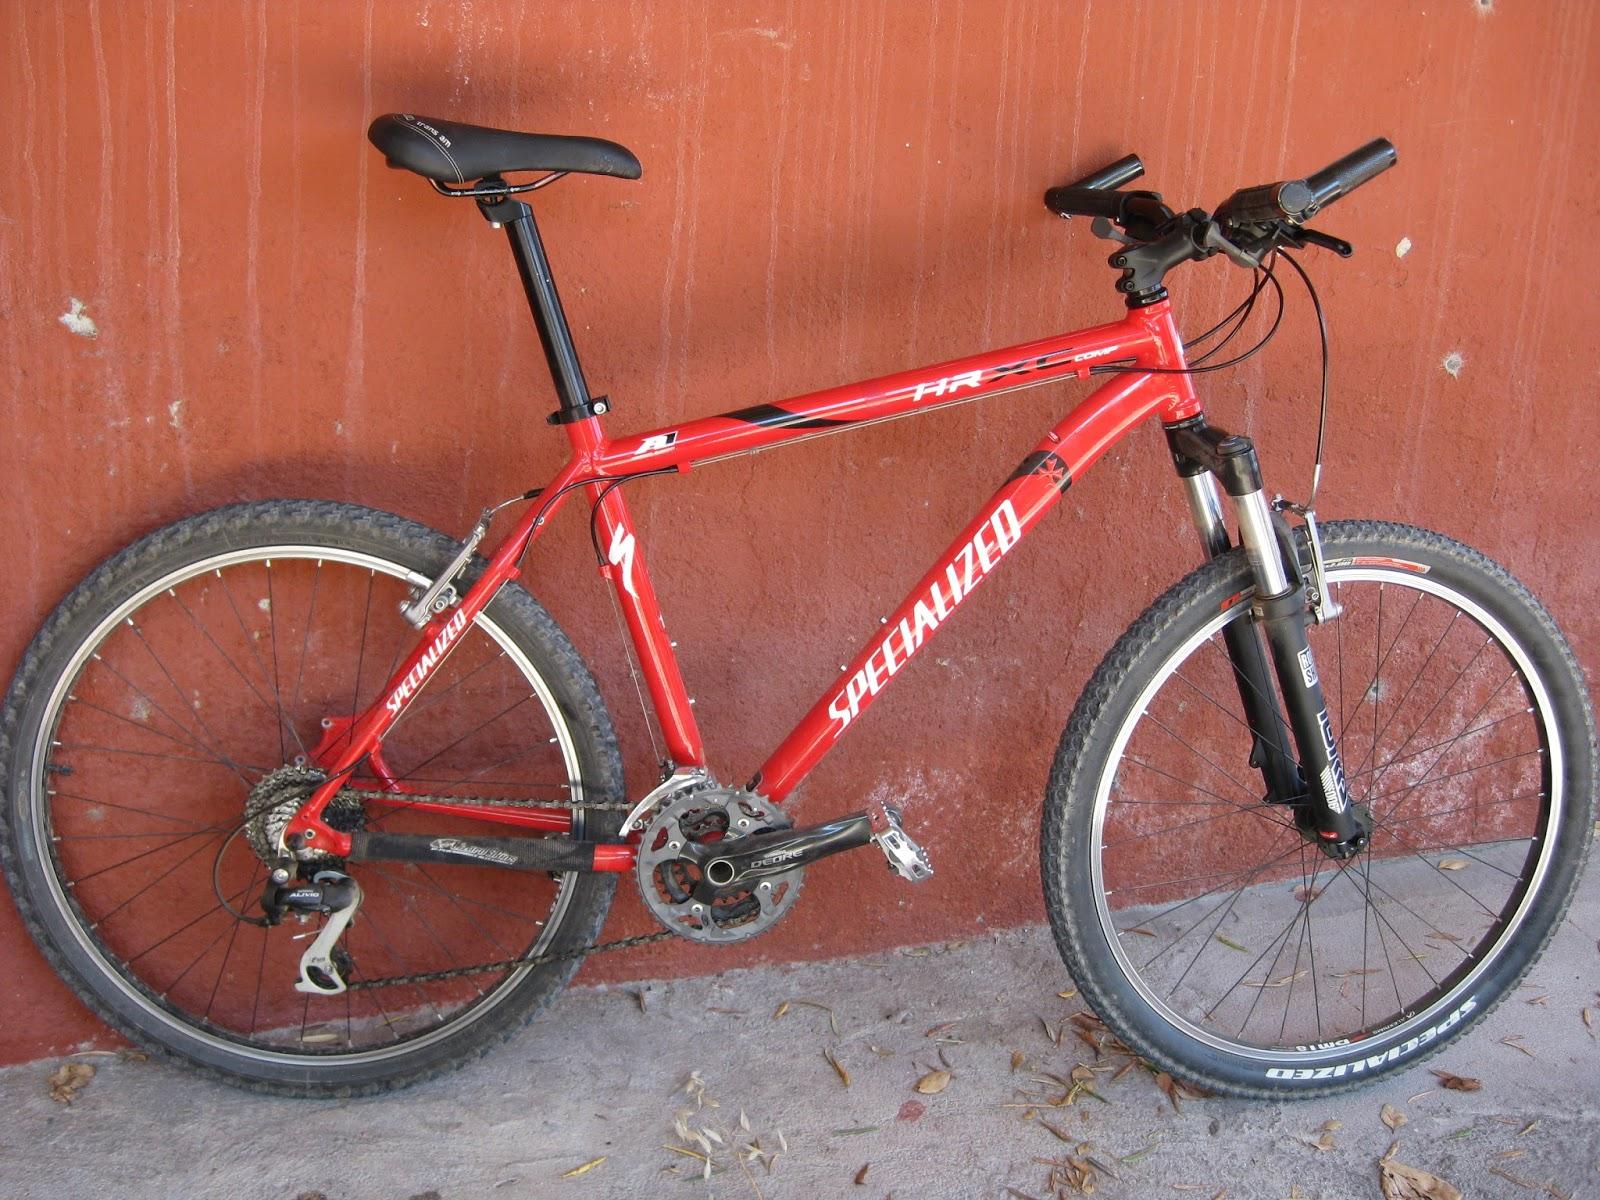 Pintar bici perfect quieres pintar tu bici cheap pintar - Pintar llantas bici ...